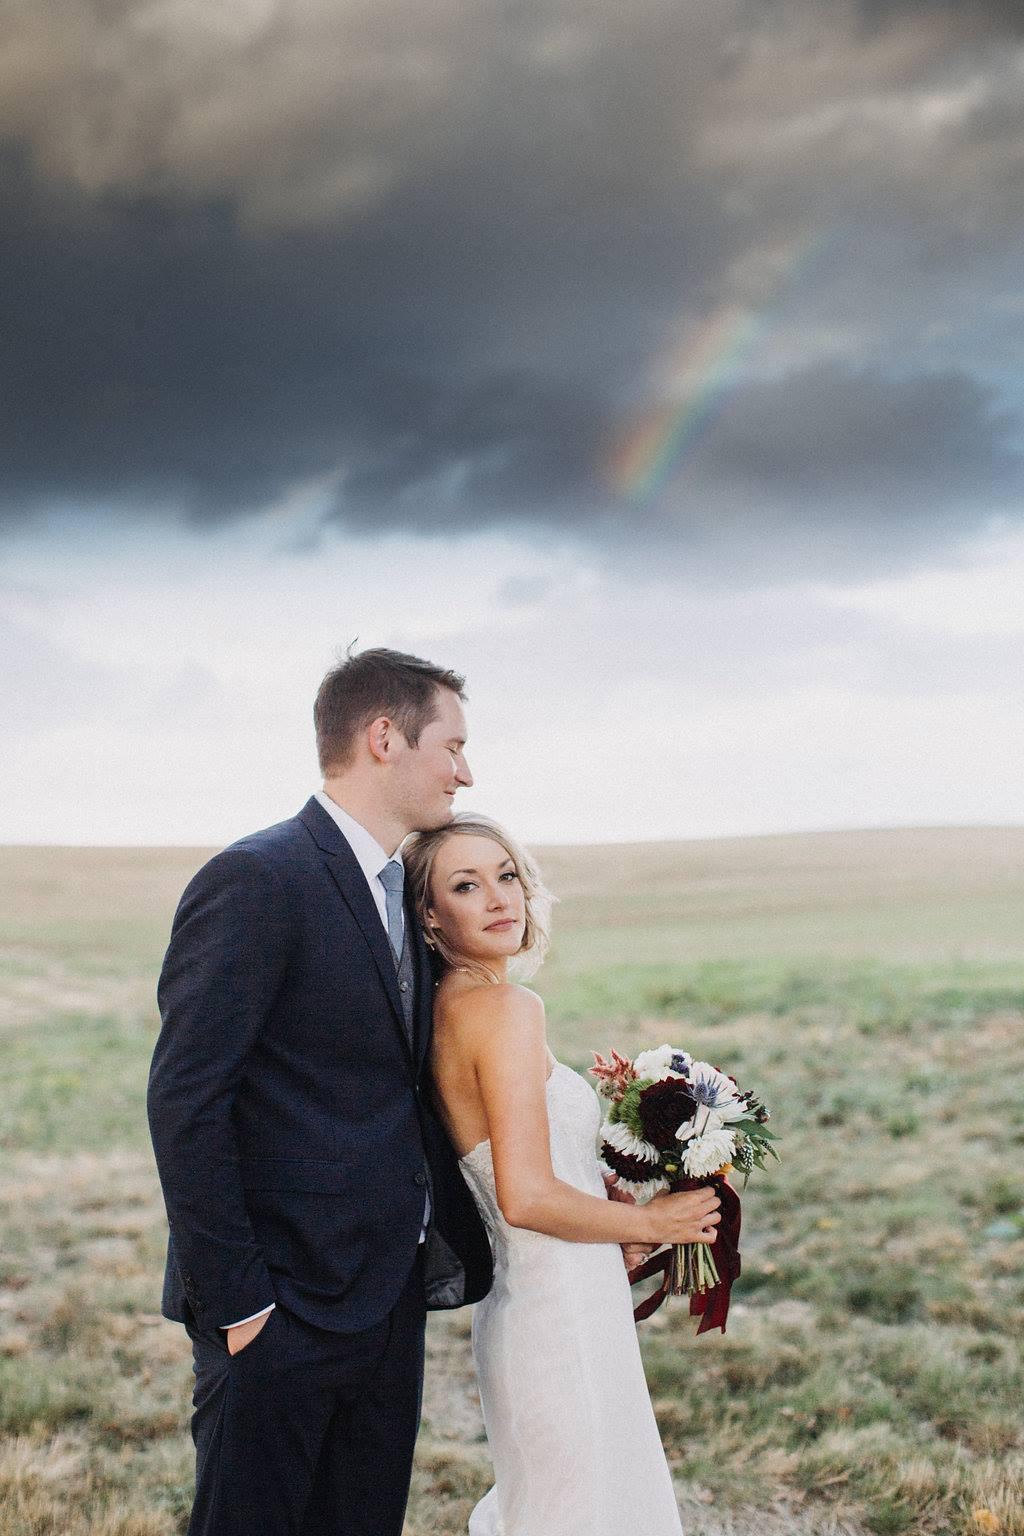 Portland Boise Wedding Photographer Leah Flores